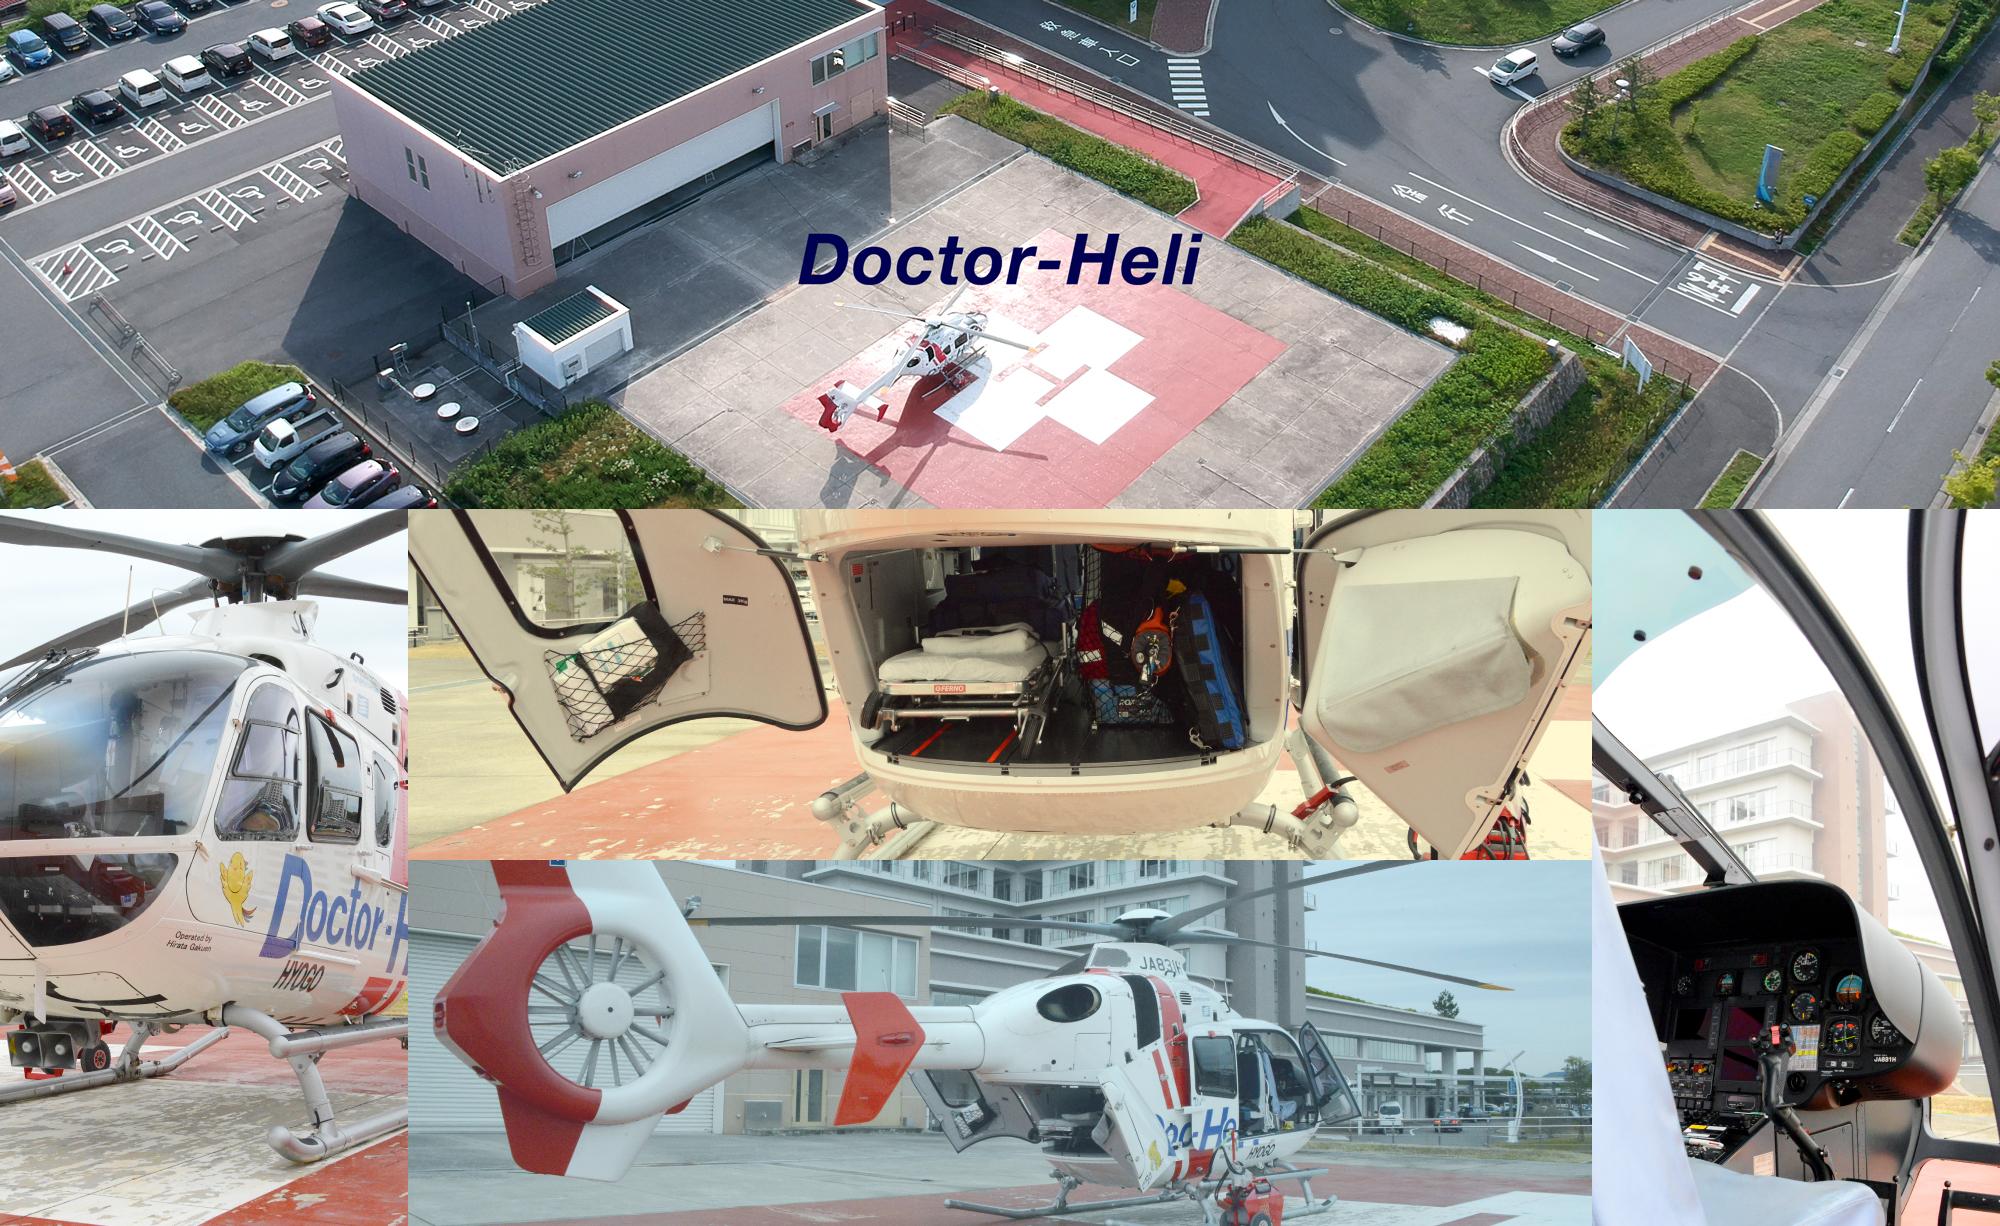 ドクターヘリのイメージ